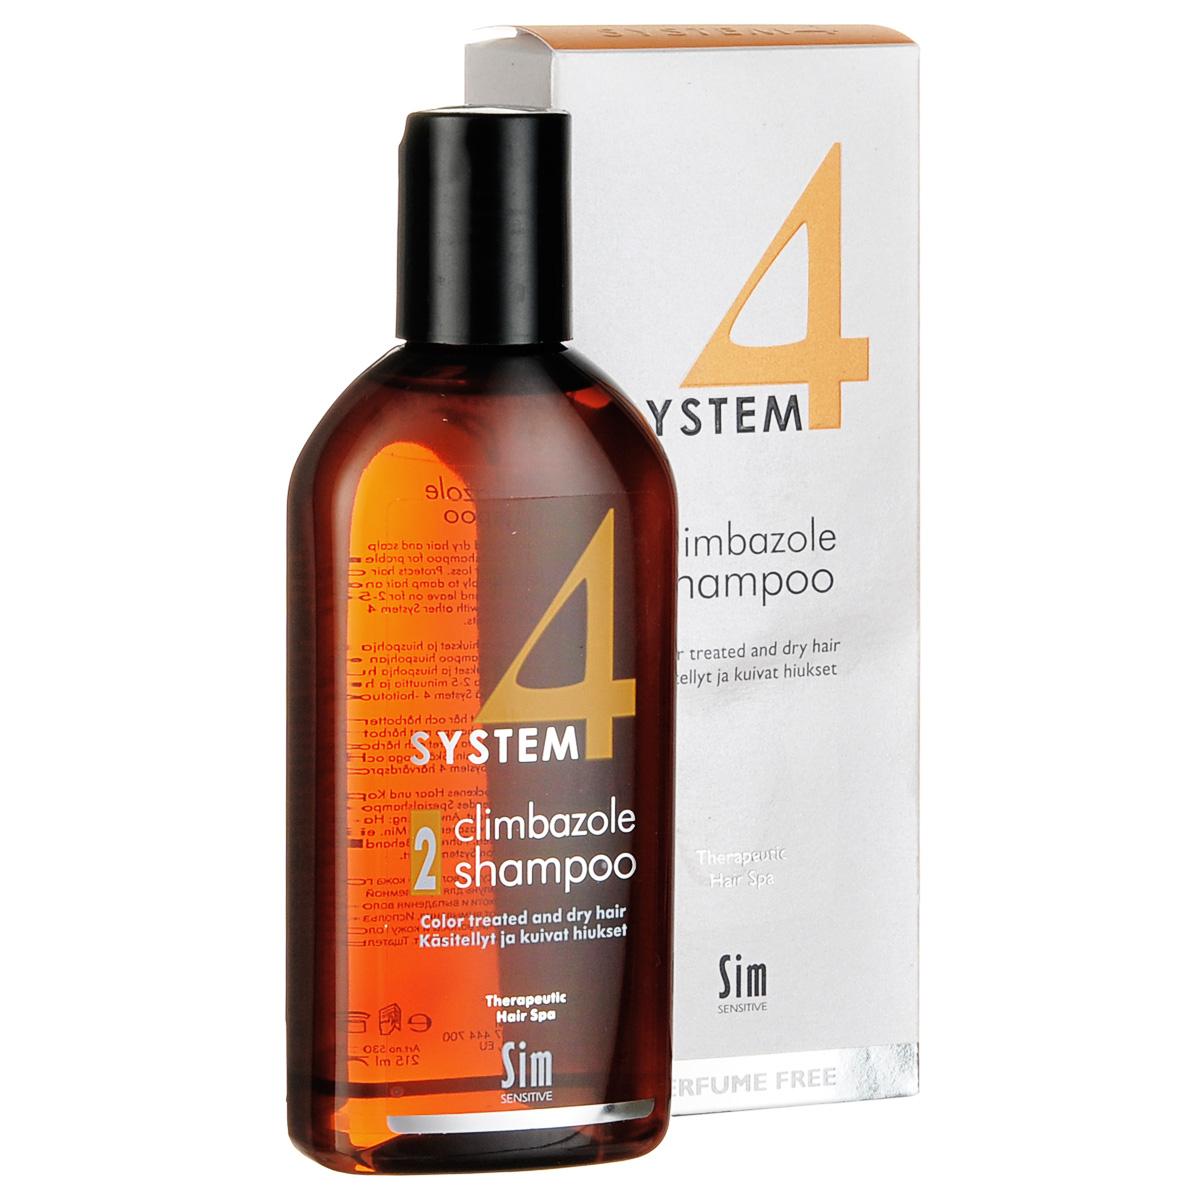 SIM SENSITIVE Терапевтический шампунь № 2 SYSTEM 4 Climbazole Shampoo 2 , 215 мл5302КАК РАБОТАЕТ:салициловая кислота активно очищает кожу головы, предотвращая образование сухой перхоти, а климбазол и пироктон оламин восстанавливают микрофлору кожи головы. Гидролизованные протеины, гидролизованный коллаген, масло подсолнечника ухаживают за сухой кожей головы, поврежденными стержнями волос и продлевают стойкость цвета окрашенных волос. Розмарин и ментол обладают освежающим антибактериальным эффектом, улучшают микроциркуляцию крови. рН-4,7.БОРЕТСЯ С: сухостью кожи головы, зудом, раздражением кожи головы, сухой перхотью, cухостью, ломкостью волос, расслоением стержня волосанепослушностью и поврежденностью волос после окрашивания или химической обработки